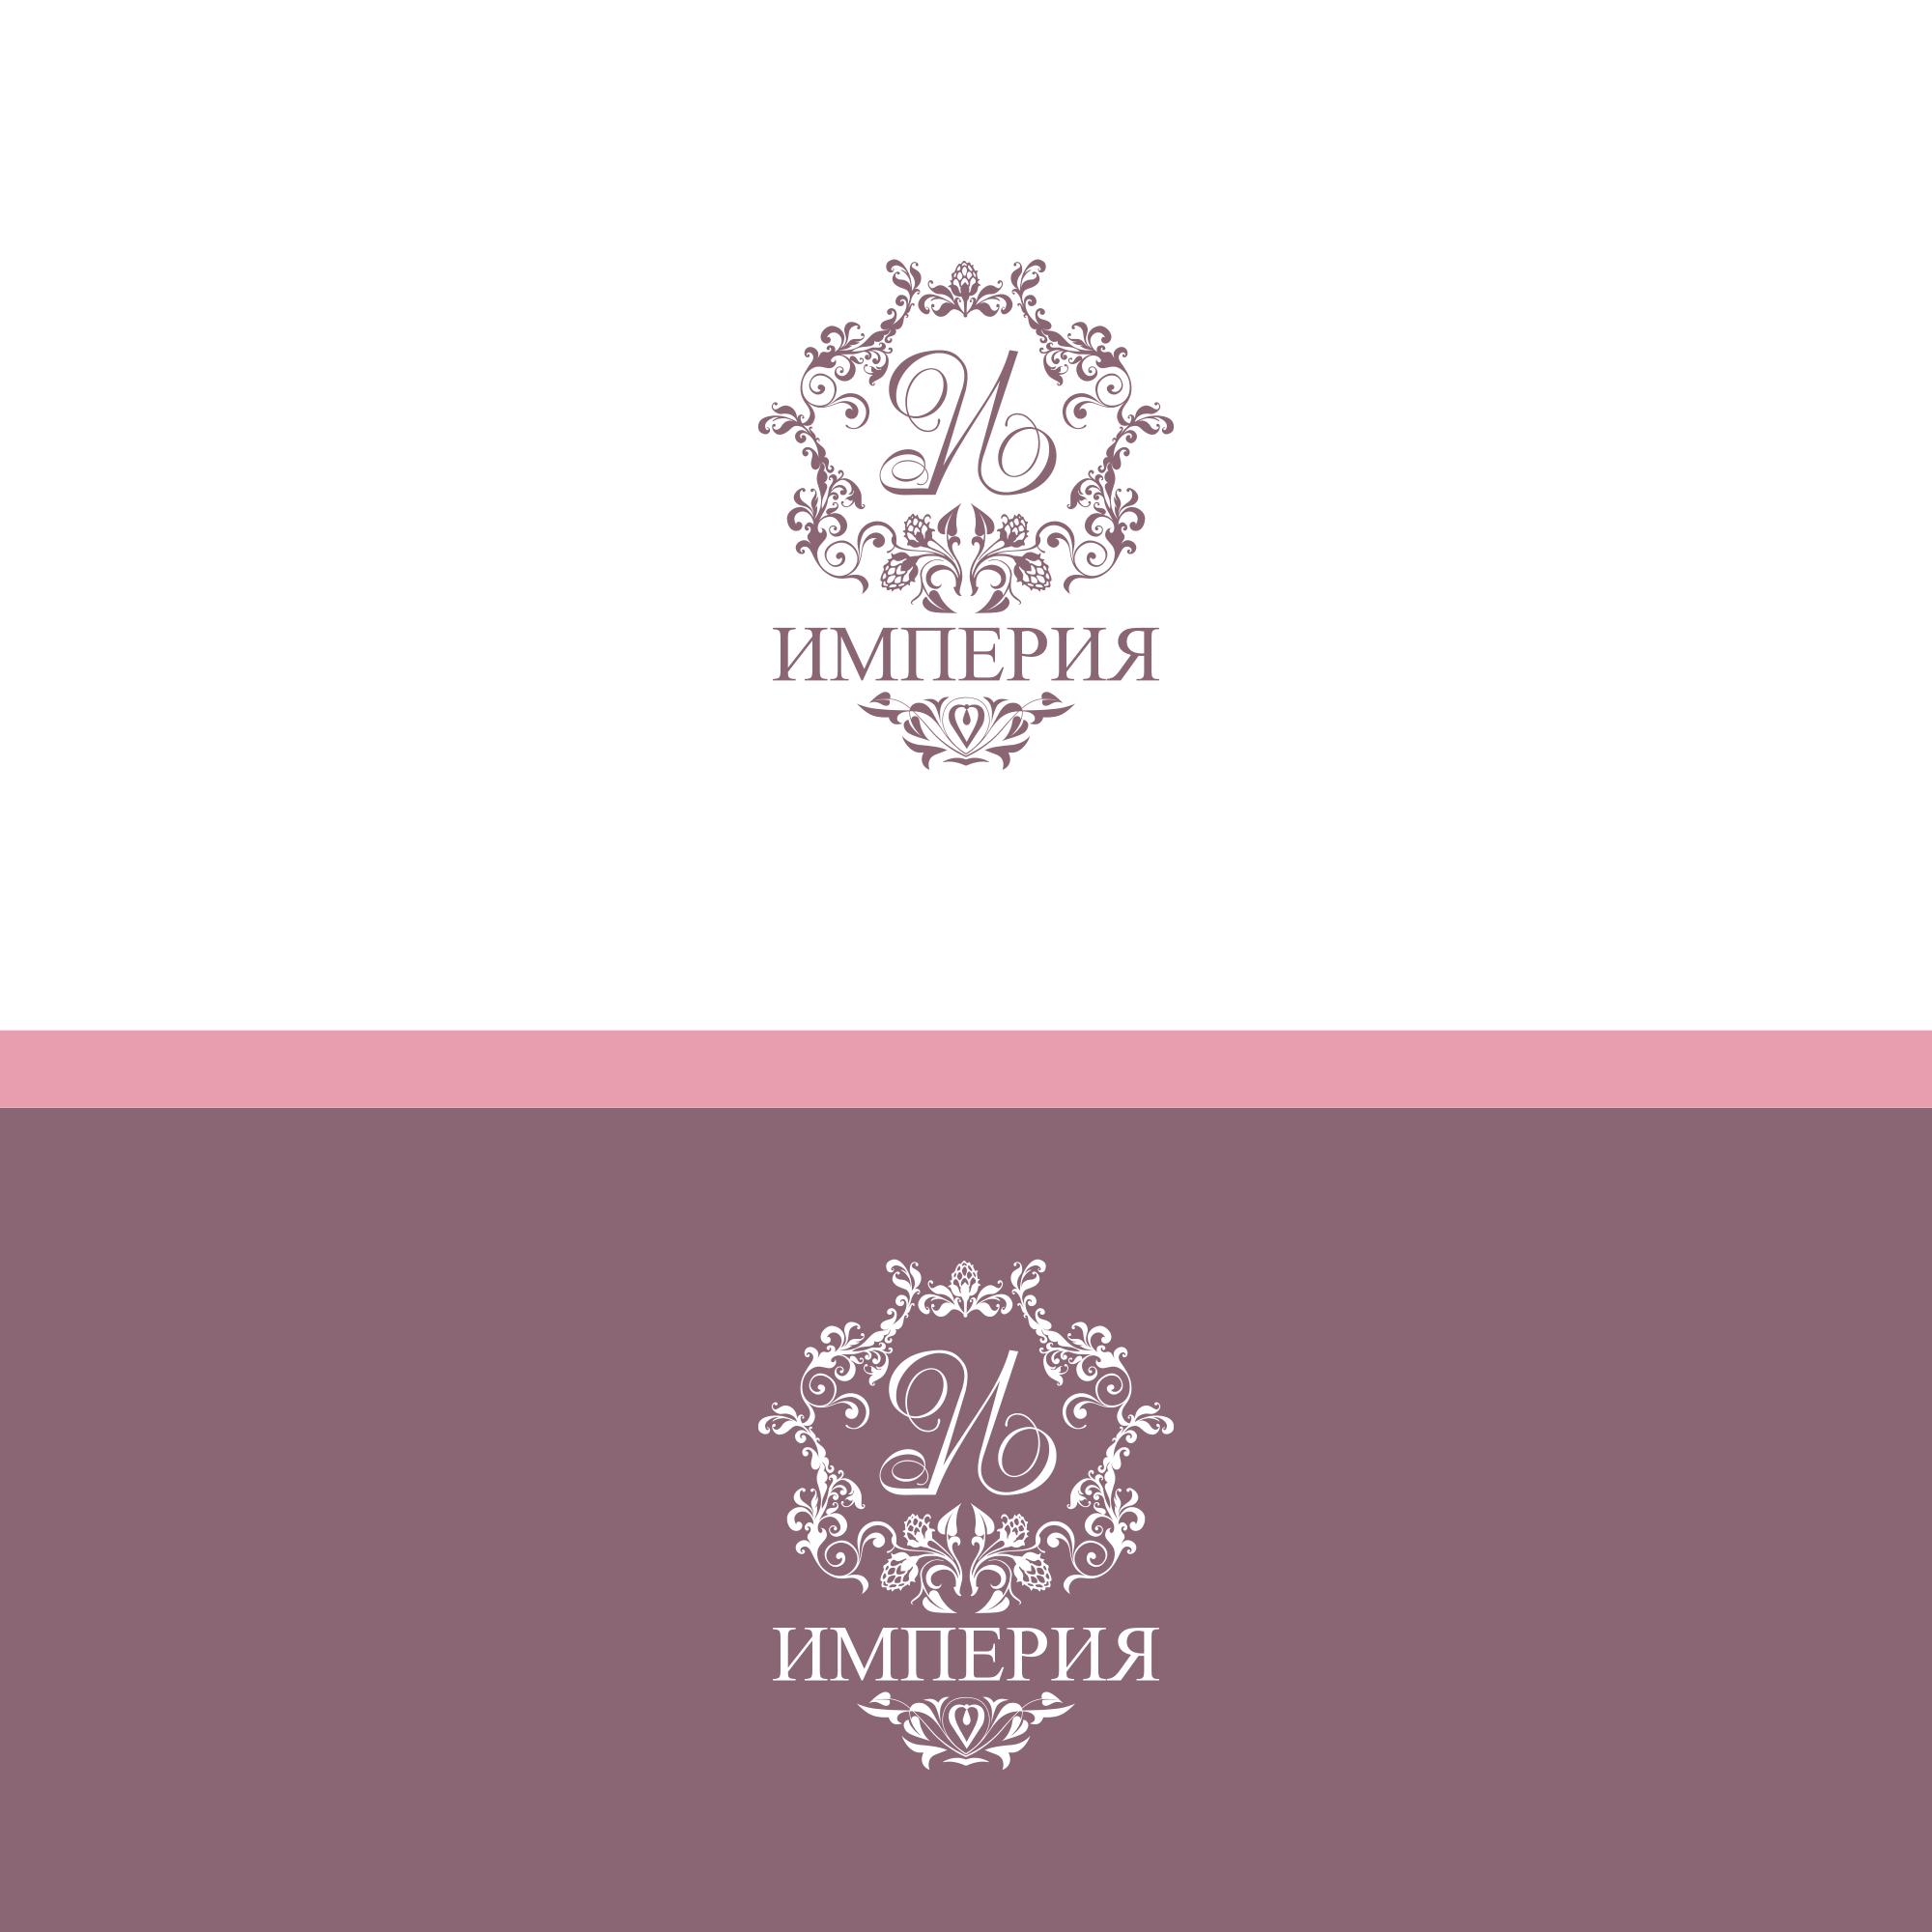 Разработать логотип для нового бренда фото f_24359e3daa8aec68.png